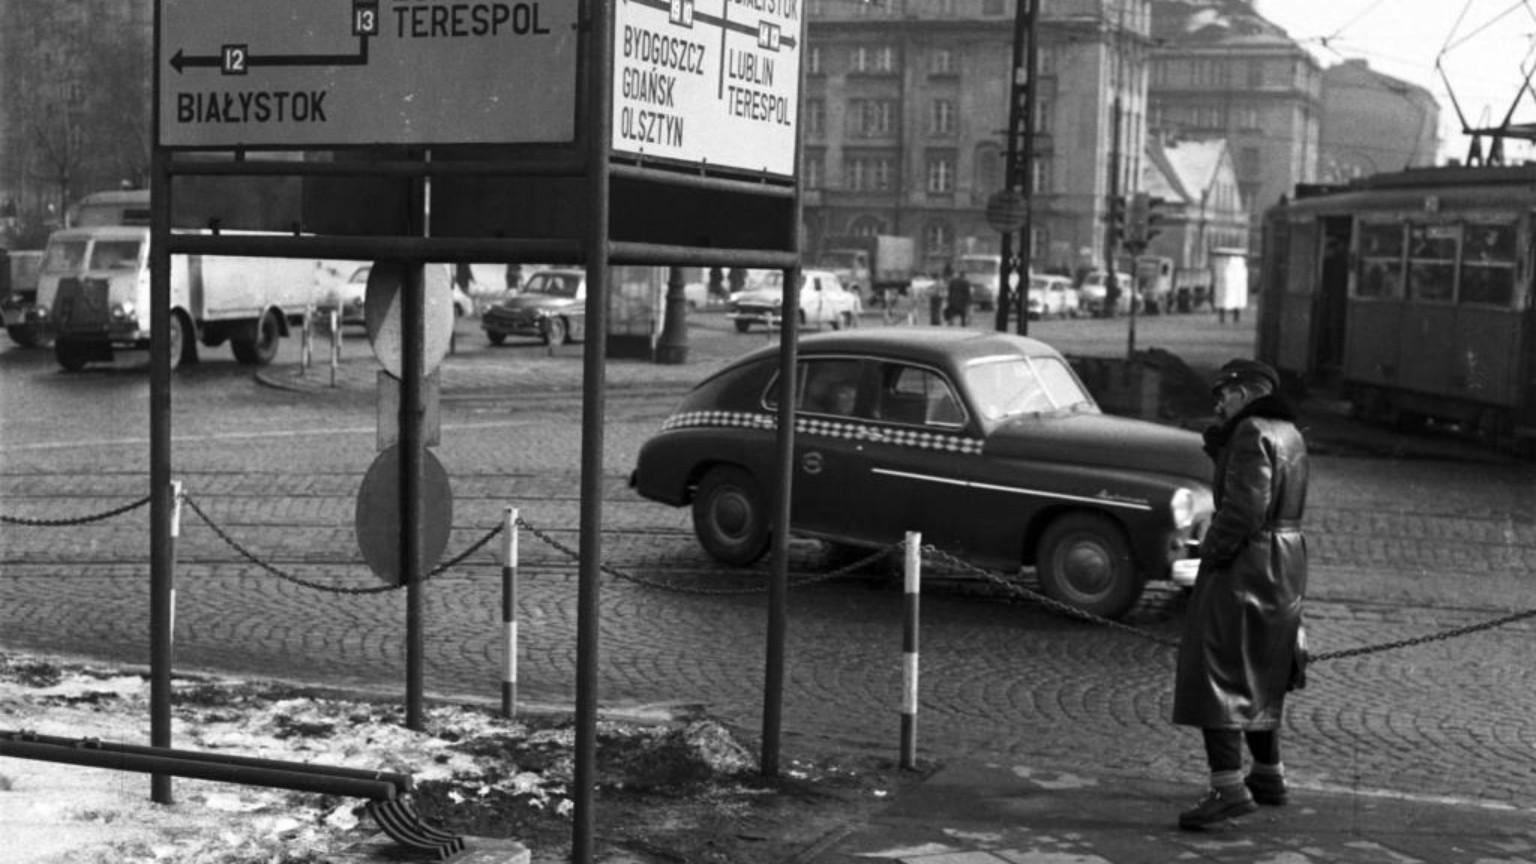 Zdjęcie dla kartki: Pierwsze powojenne taksówki warszawskie